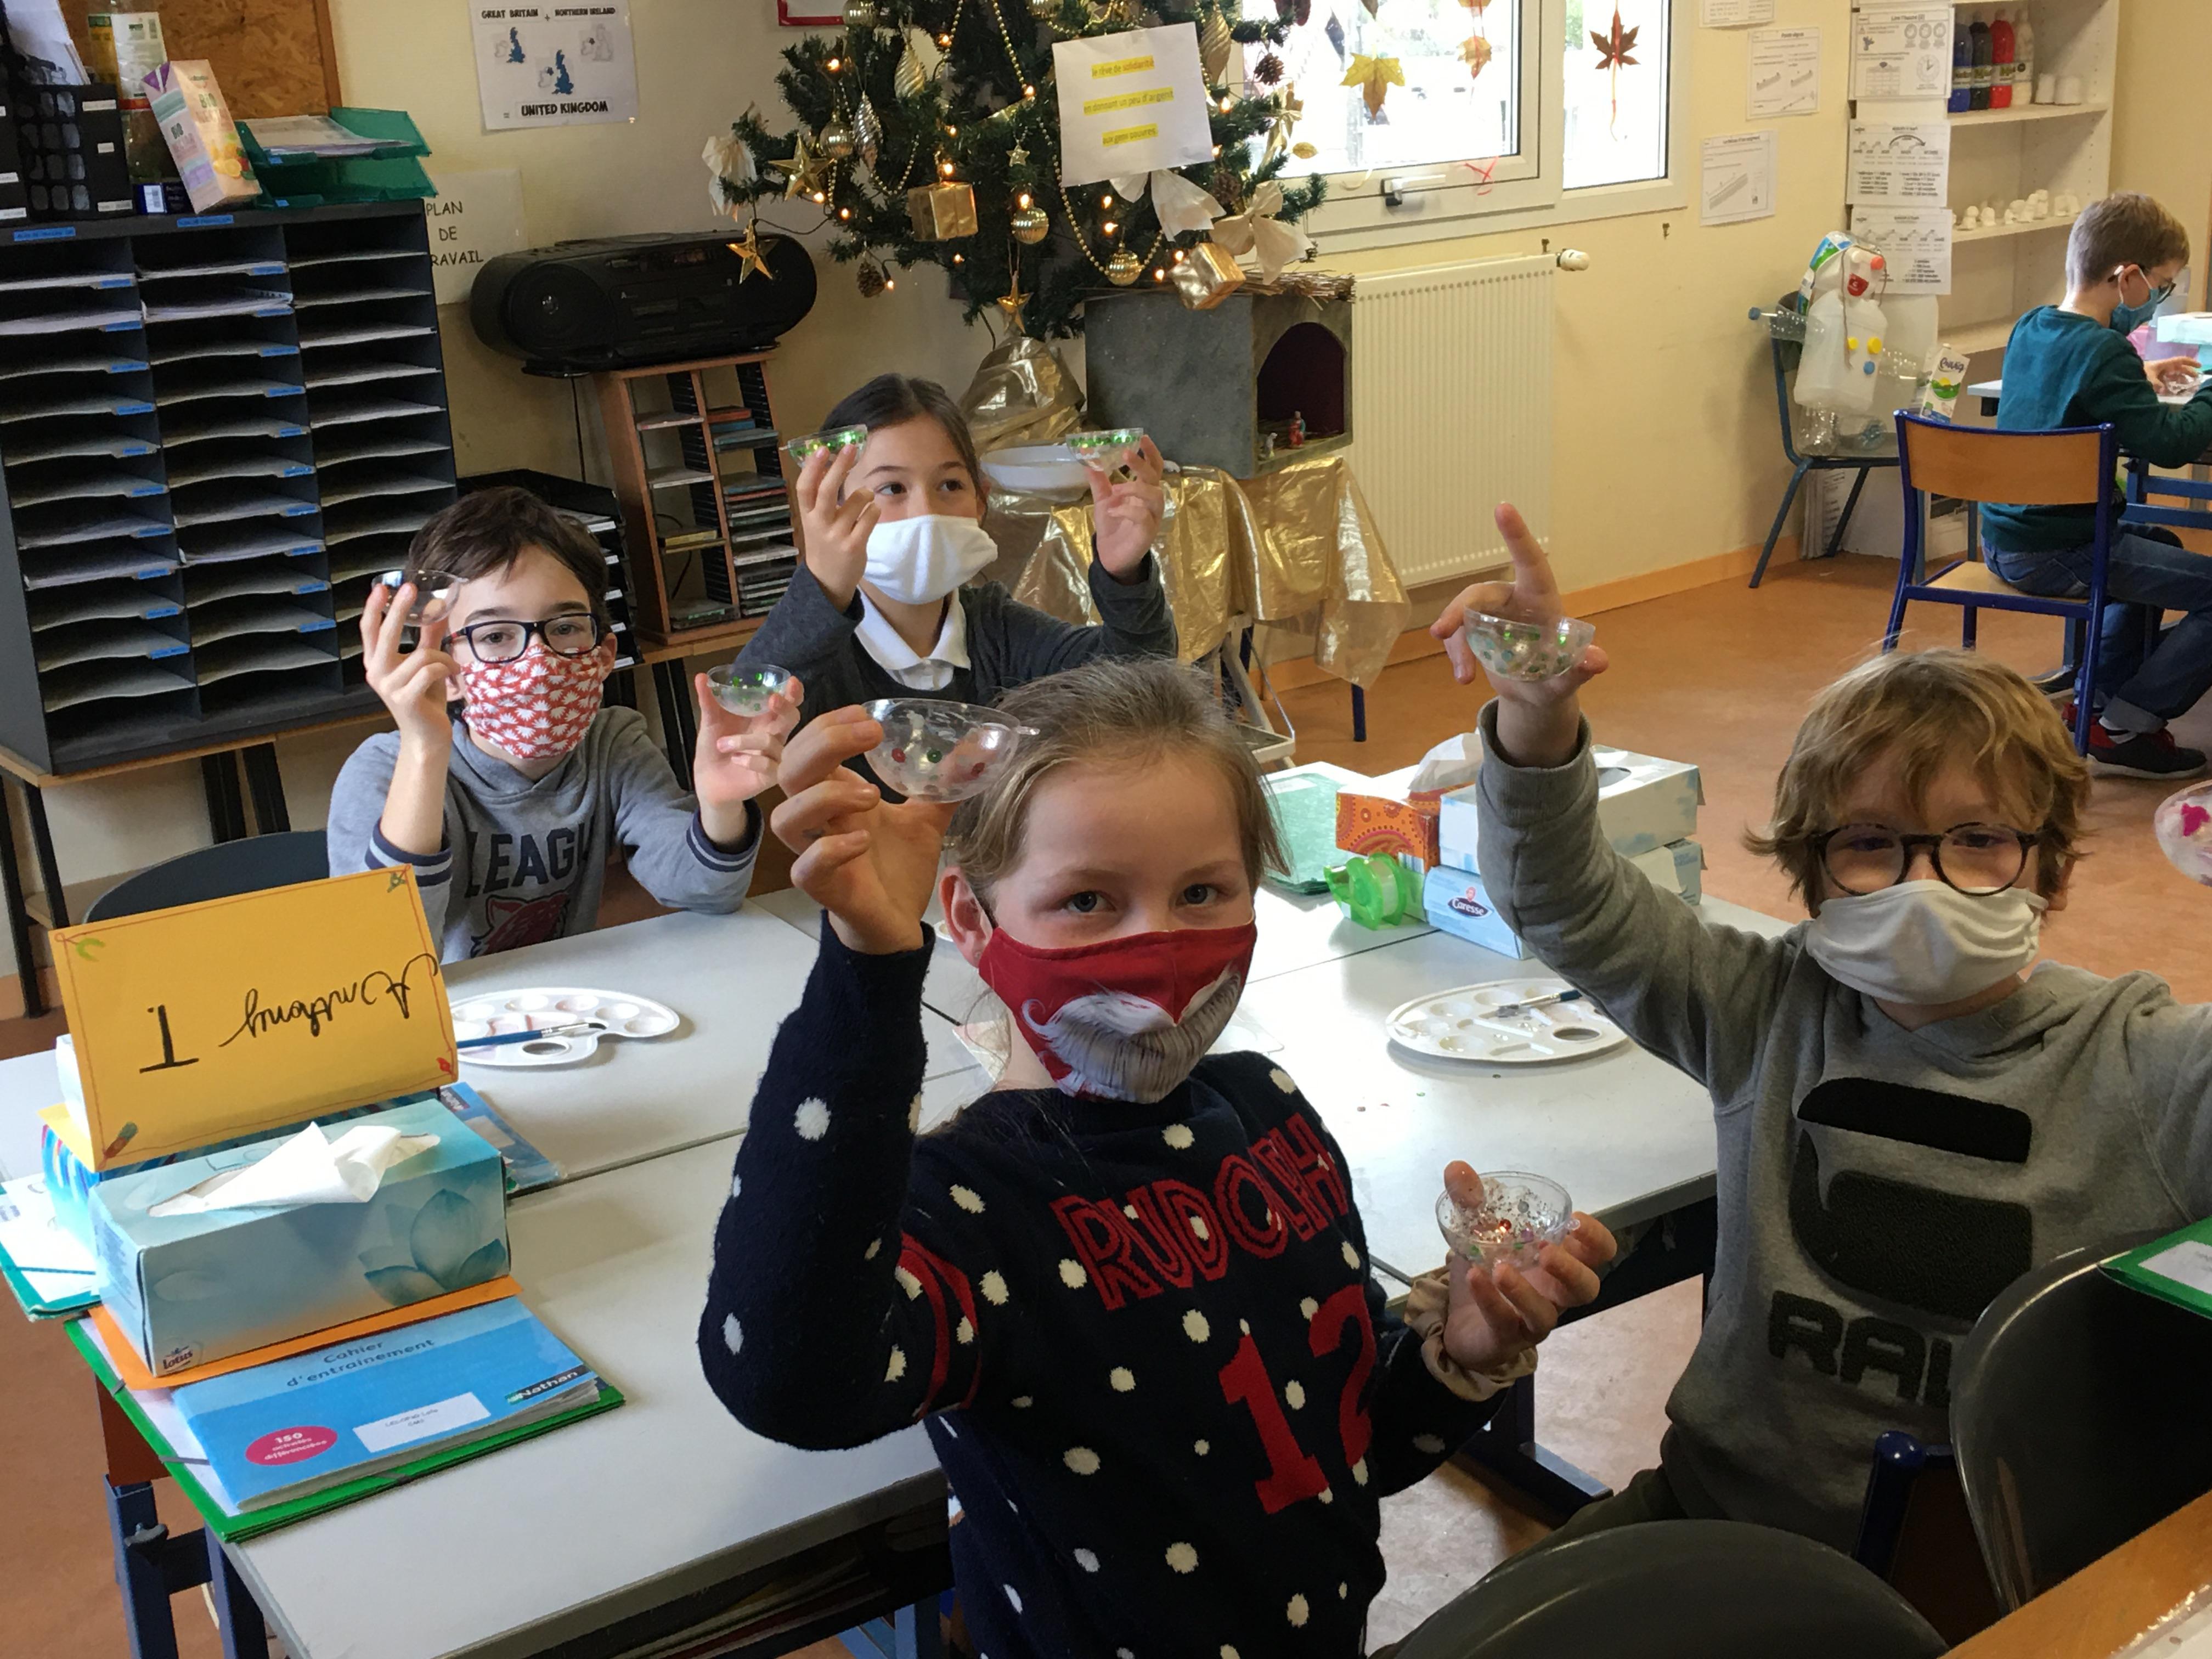 Noël 2020 (Article rédigé par Mathilda, Léna, Héloïse et Chrystal durant les ateliers d'écriture)